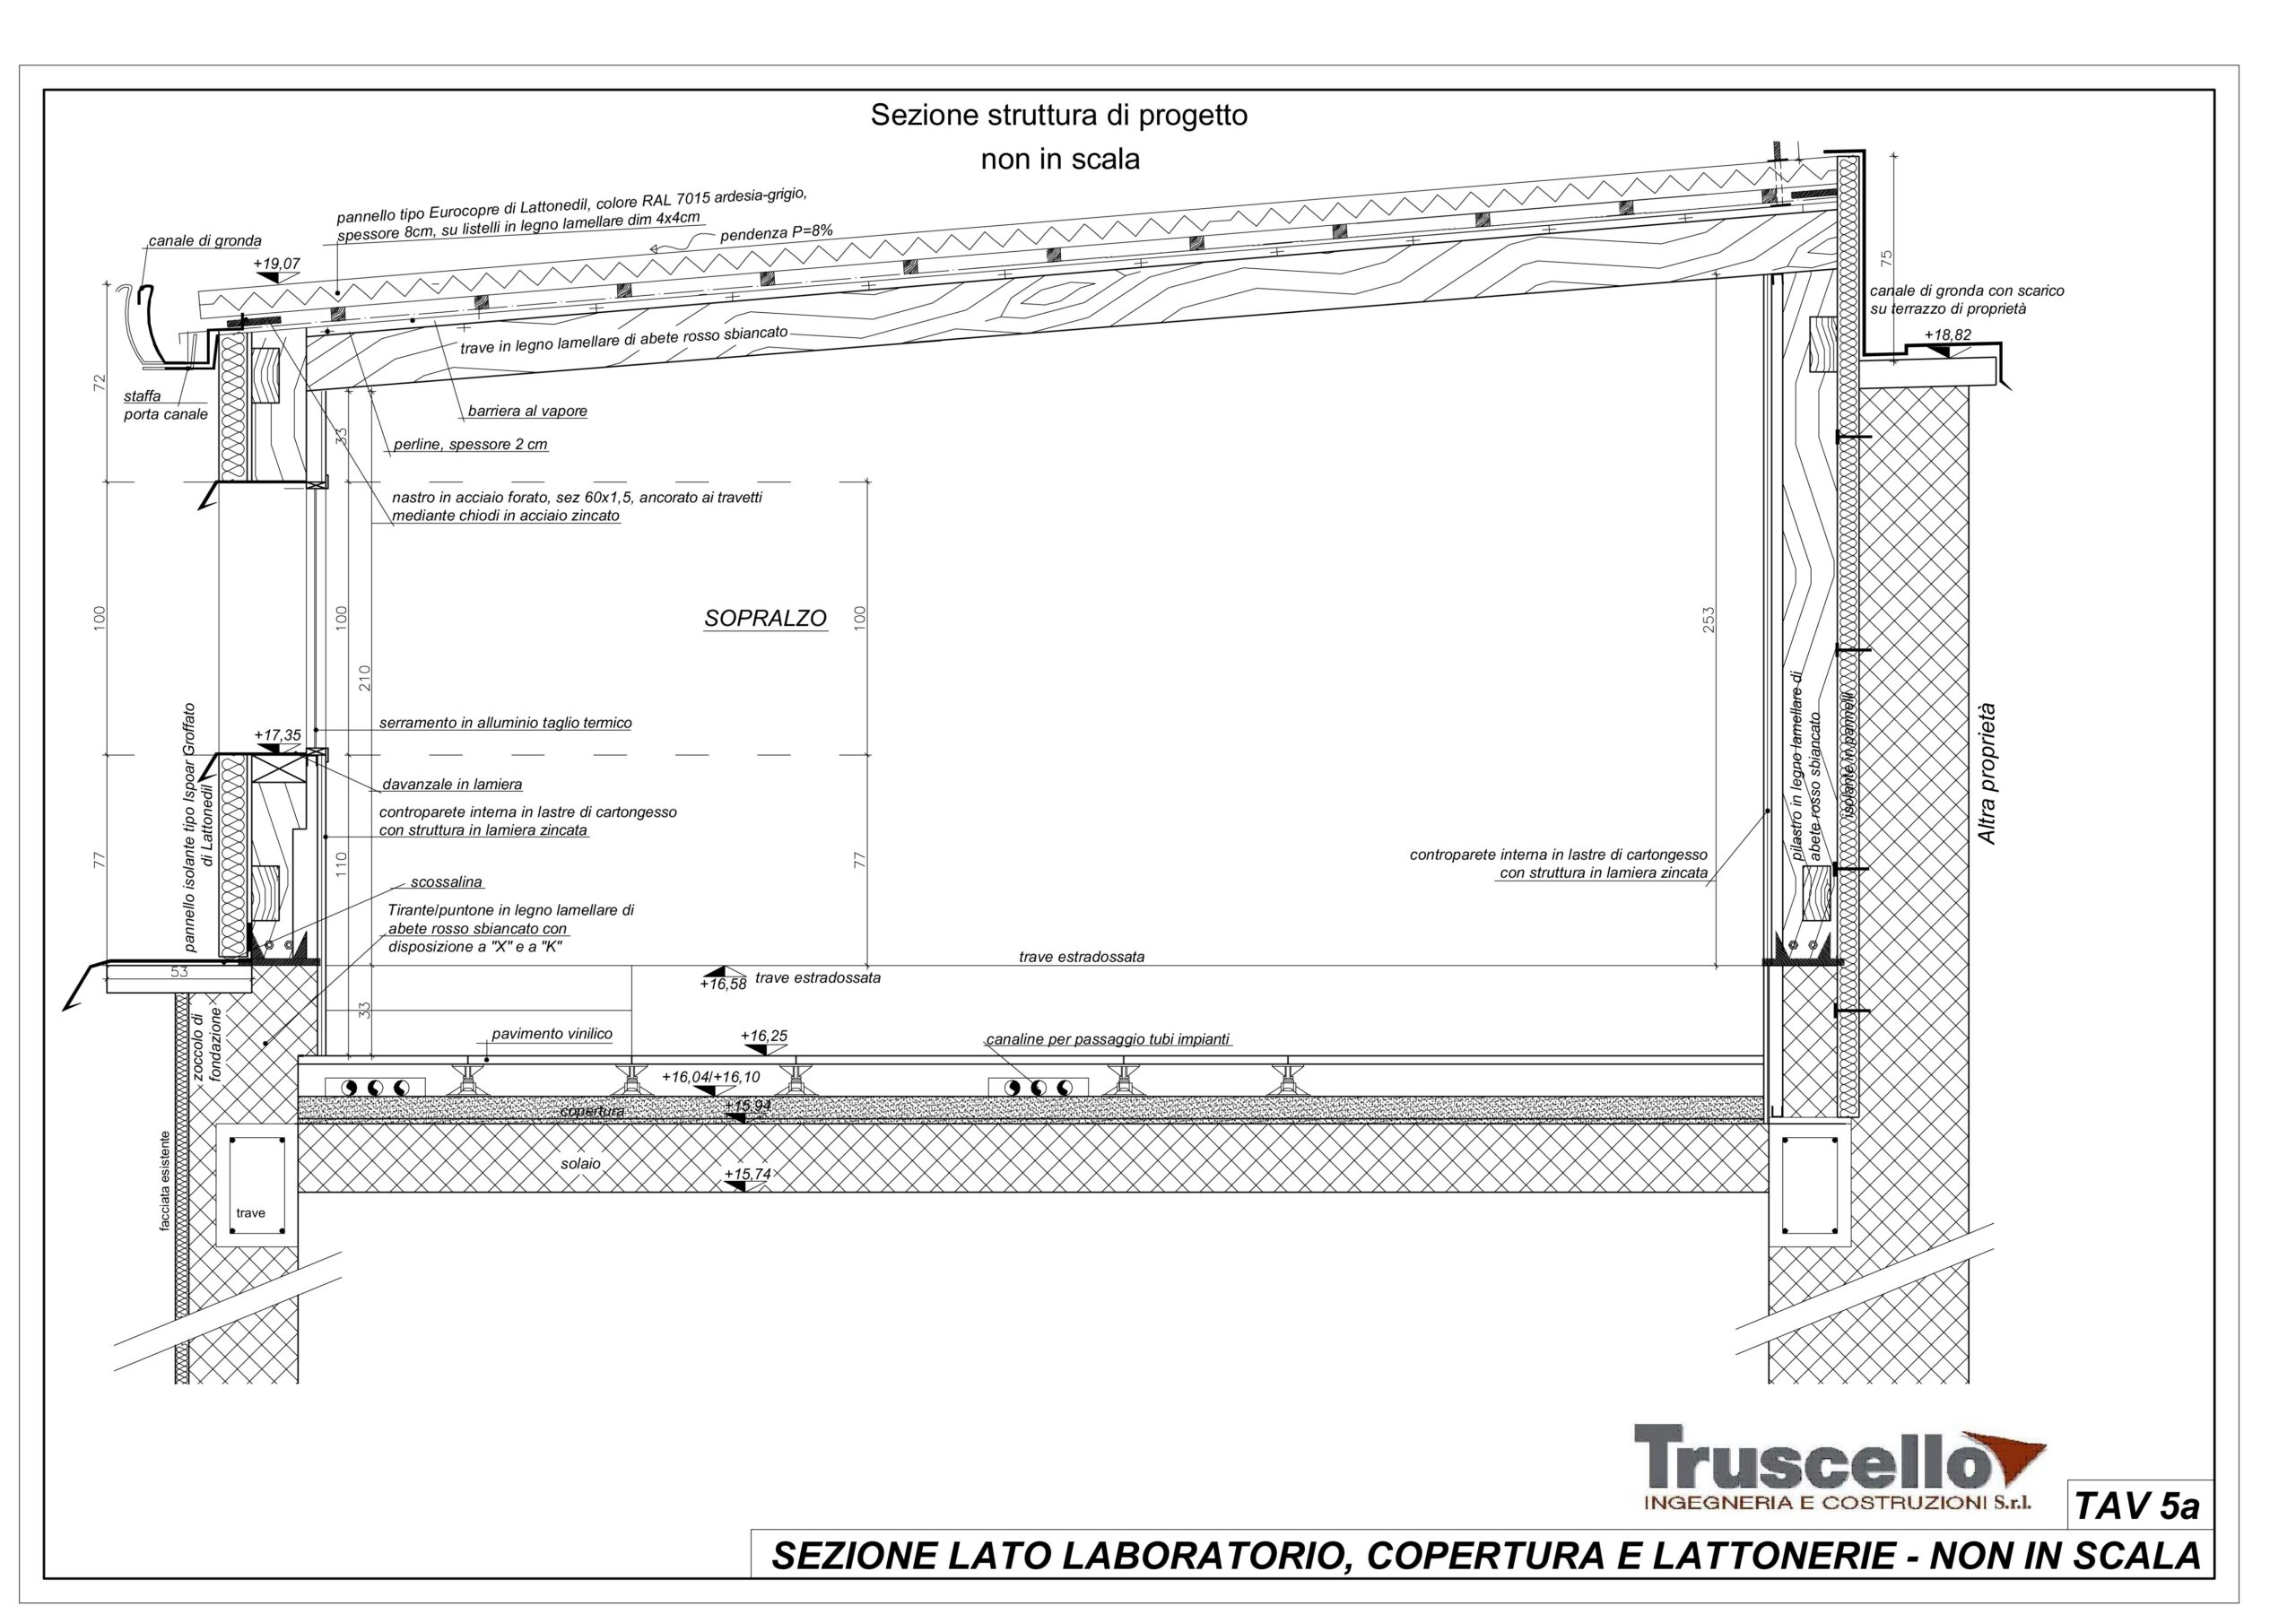 1. Elaborato grafico esecutivo di sezione tecnologia di copertura a falde con orditura in legno strutturale e lattonerie: stato di progetto.